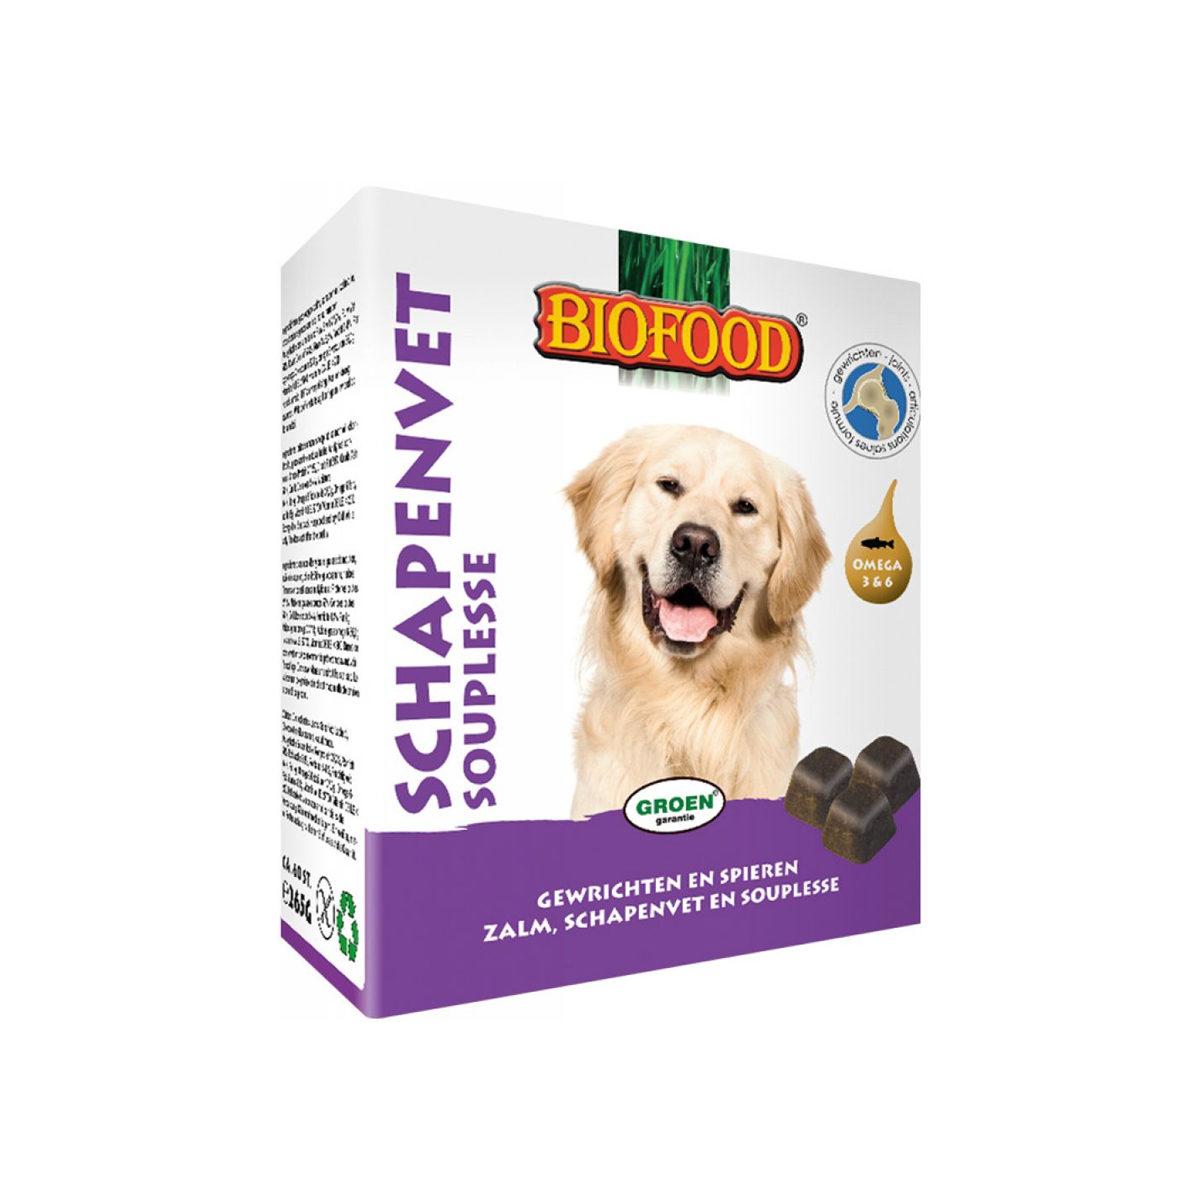 Biofood Schapenvet Maxi Hondensnack Souplesse 40stuks - in Snacks